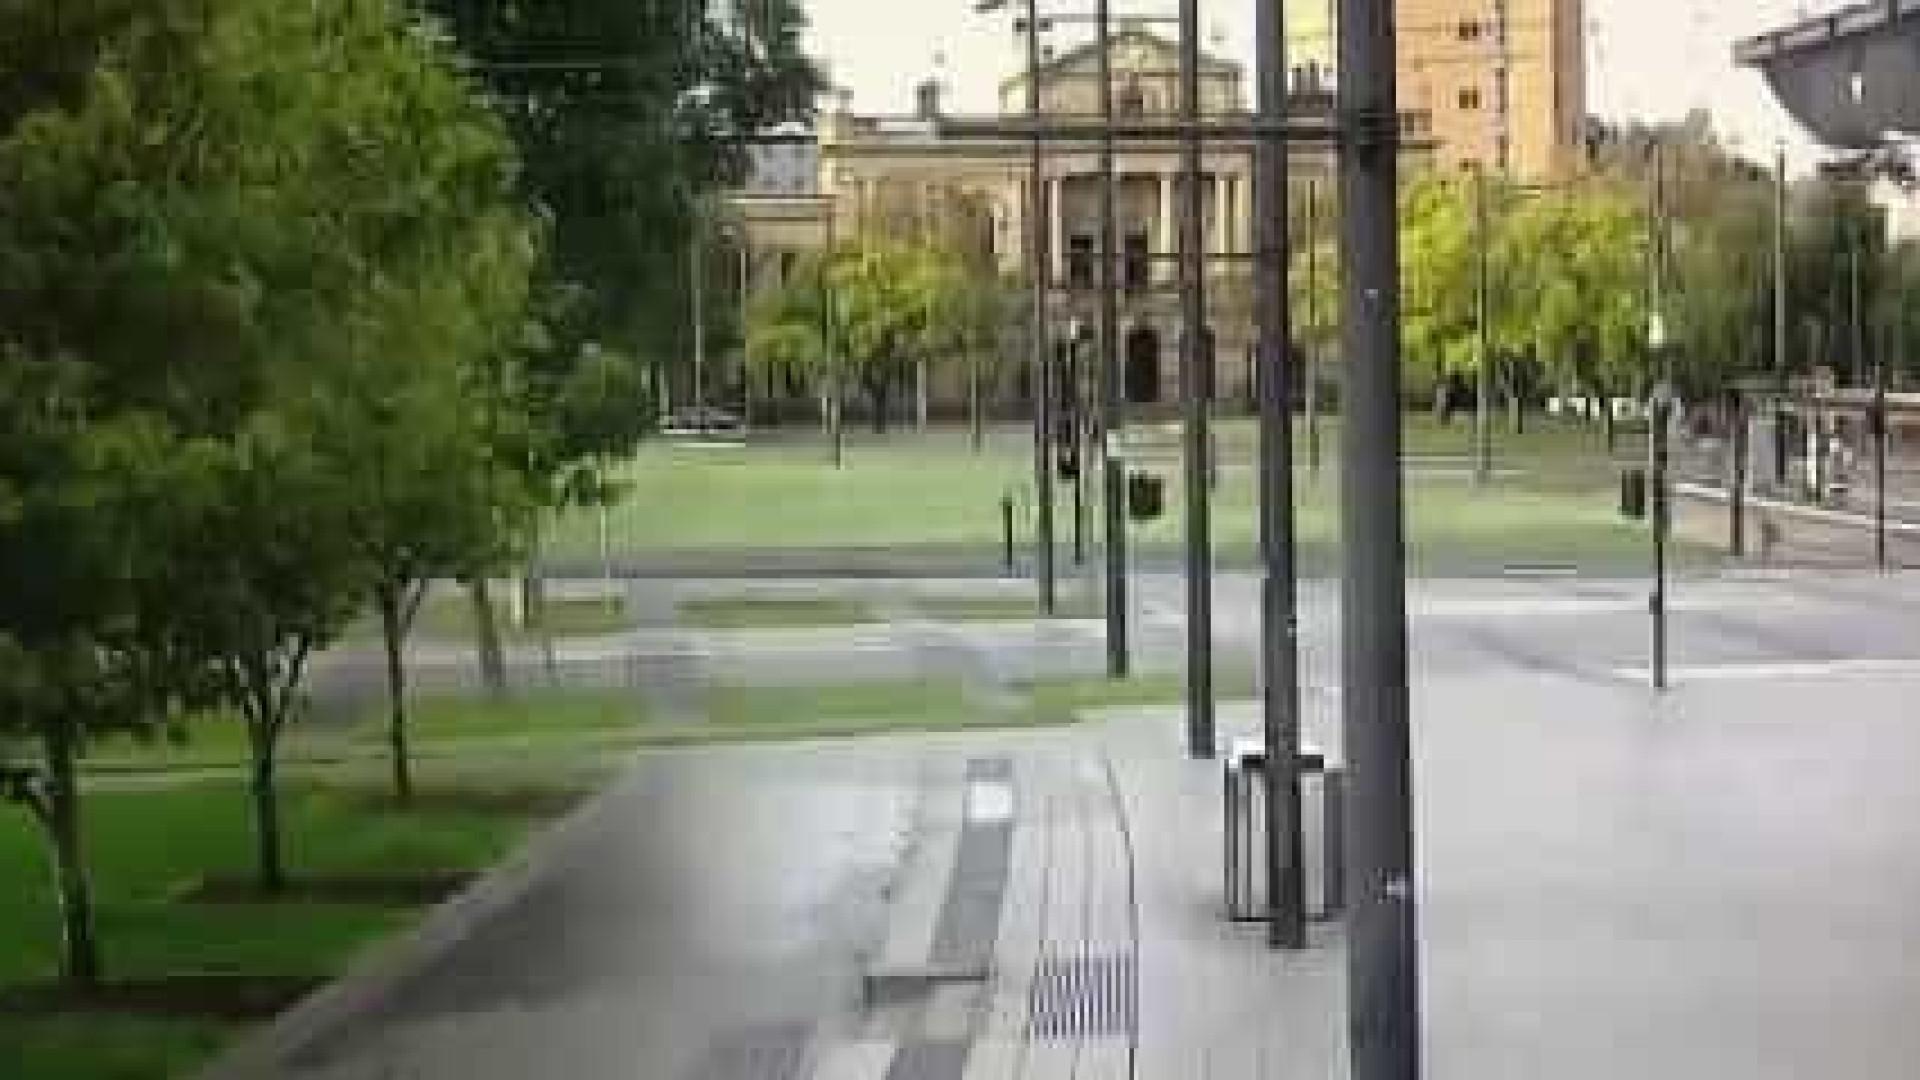 Canguru apanhado 'acelerando' nas ruas desertas da Austrália